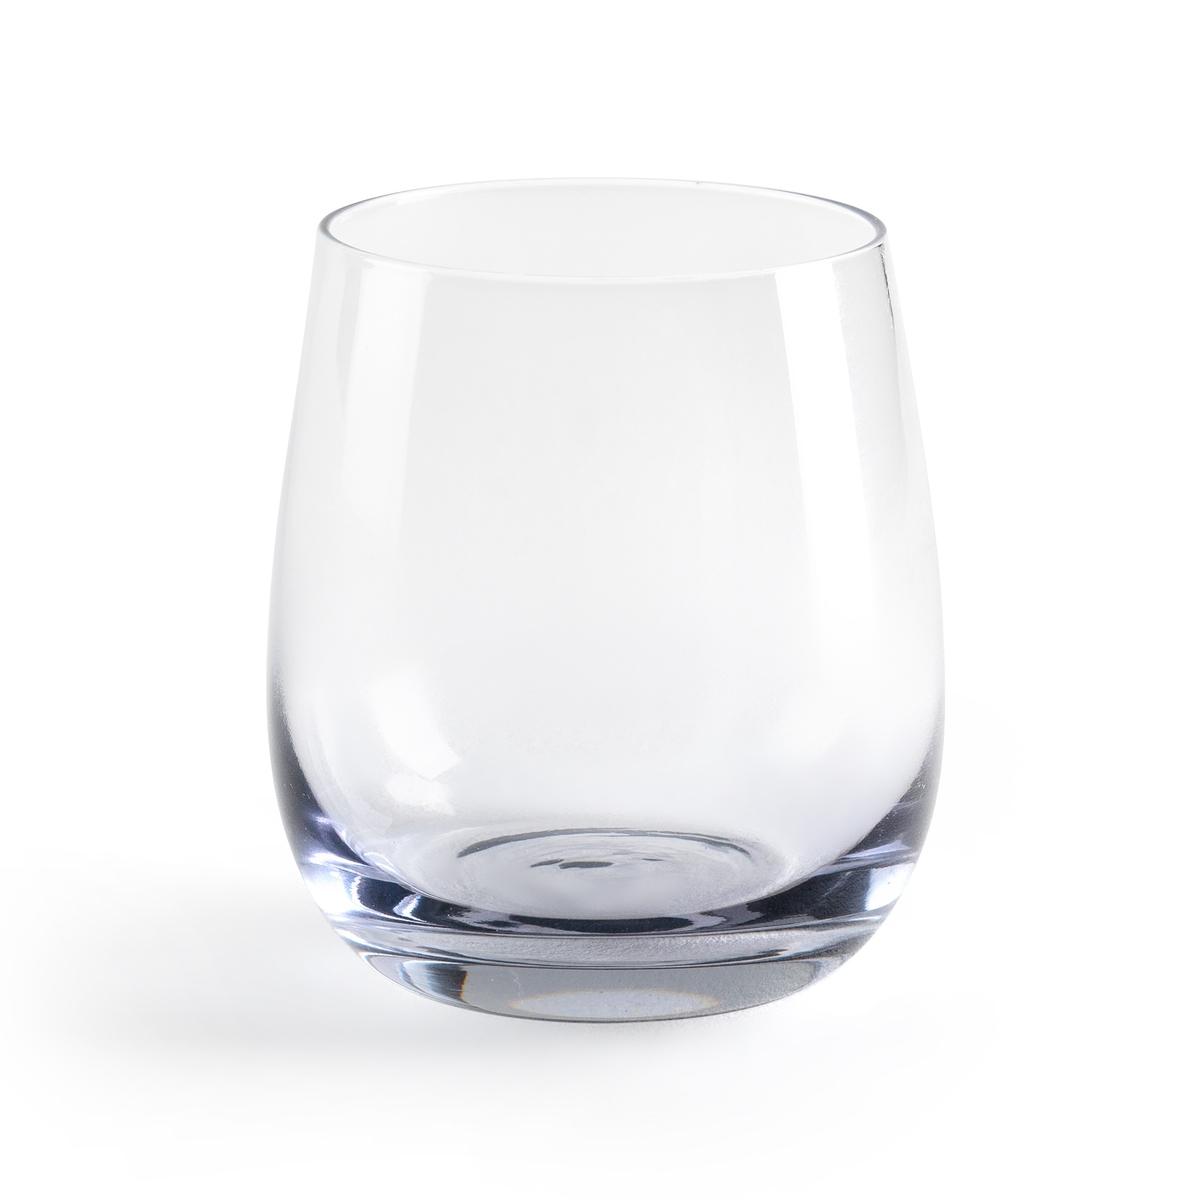 Бокал прозрачный двухцветный CAKLI (4 шт.)Описание:Комплект из 4 бокалов La Redoute Interieurs. Качественные, выдутые ртом бокалы градуированного цвета с двухцветным дном . Характеристики 4 бокалов •  Обесцвеченный низ •  Округлой формы •  Из выдутого ртом стекла.  Размеры 4 бокалов •  Диаметр : 8 см •  Высота : 9,5 смВсю коллекцию столового декора вы найдете на сайте laredoute.<br><br>Цвет: серый,телесный